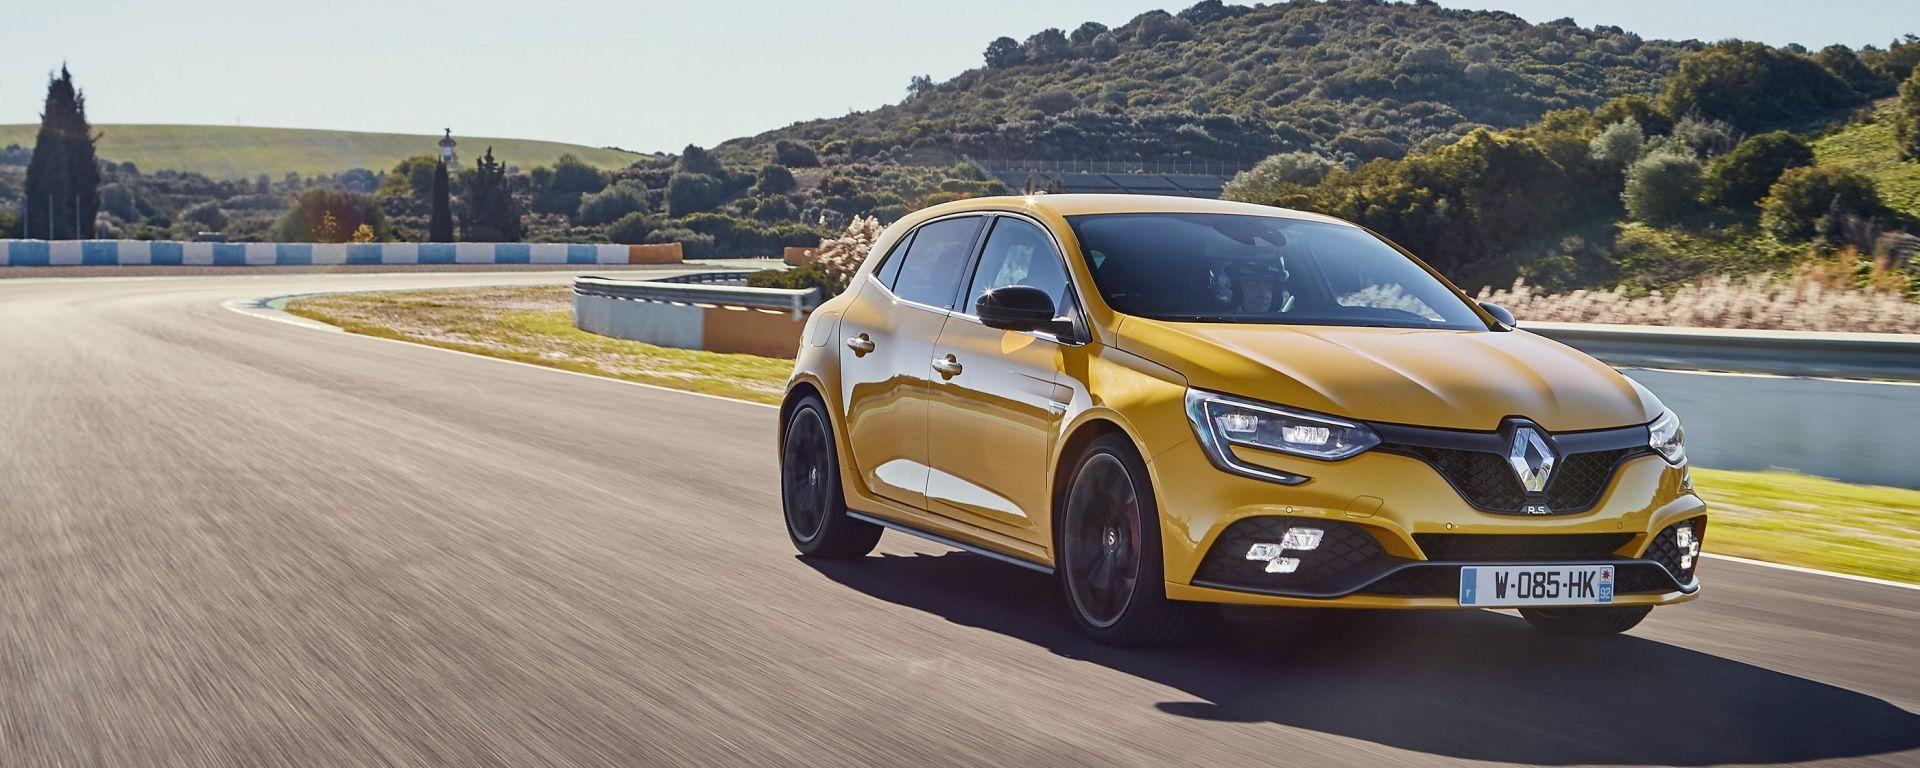 Renault Megane RS 2018: la prova su strada e in pista